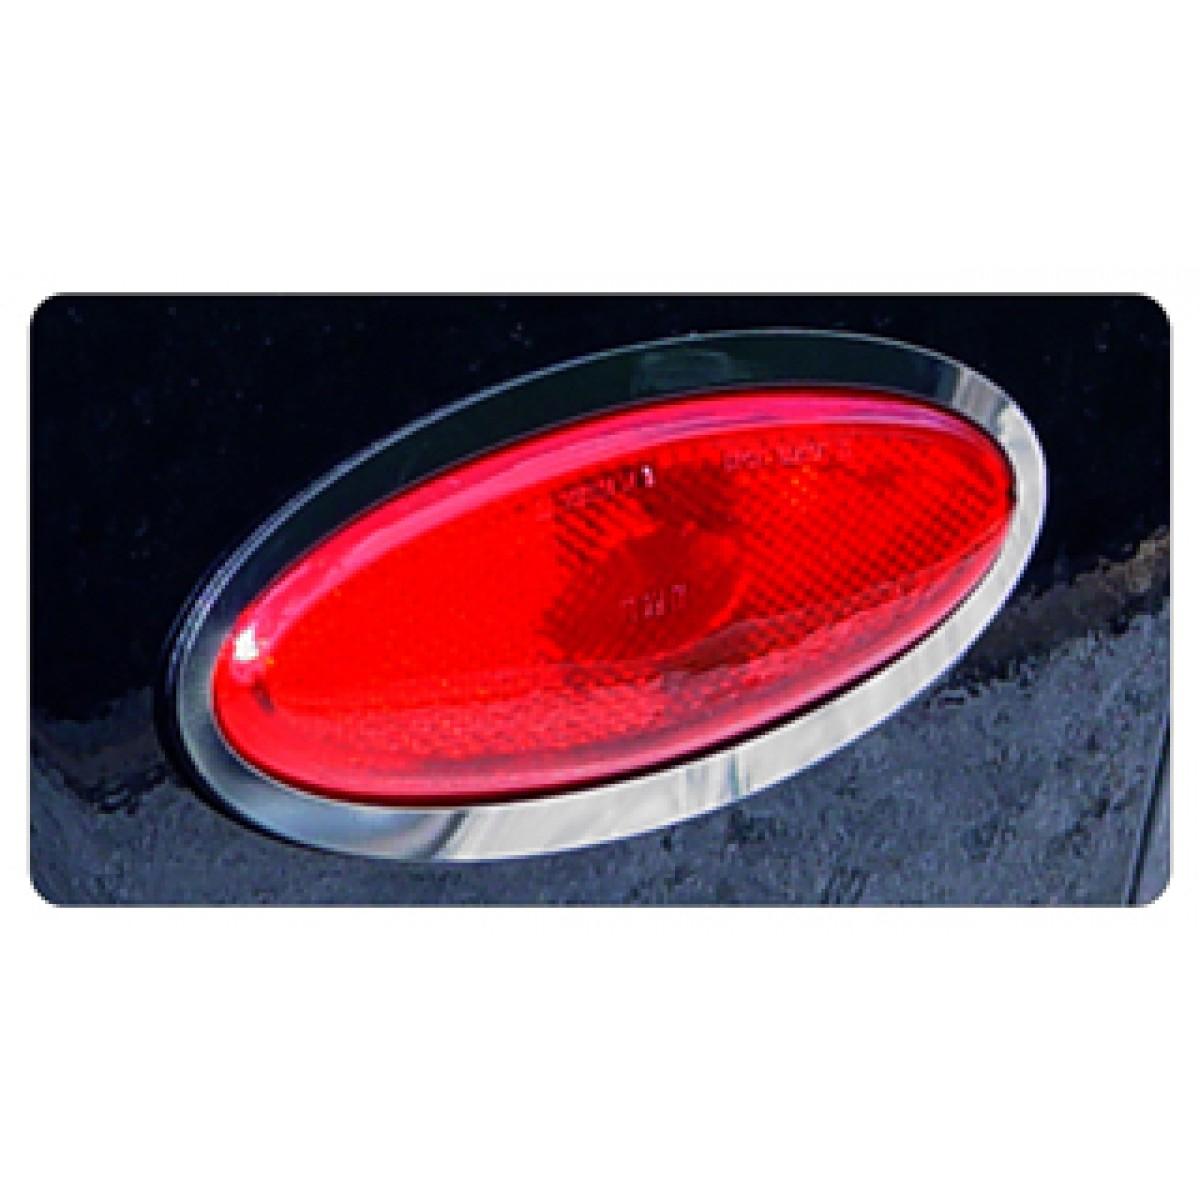 C5 Corvette Side Marker Light Trim